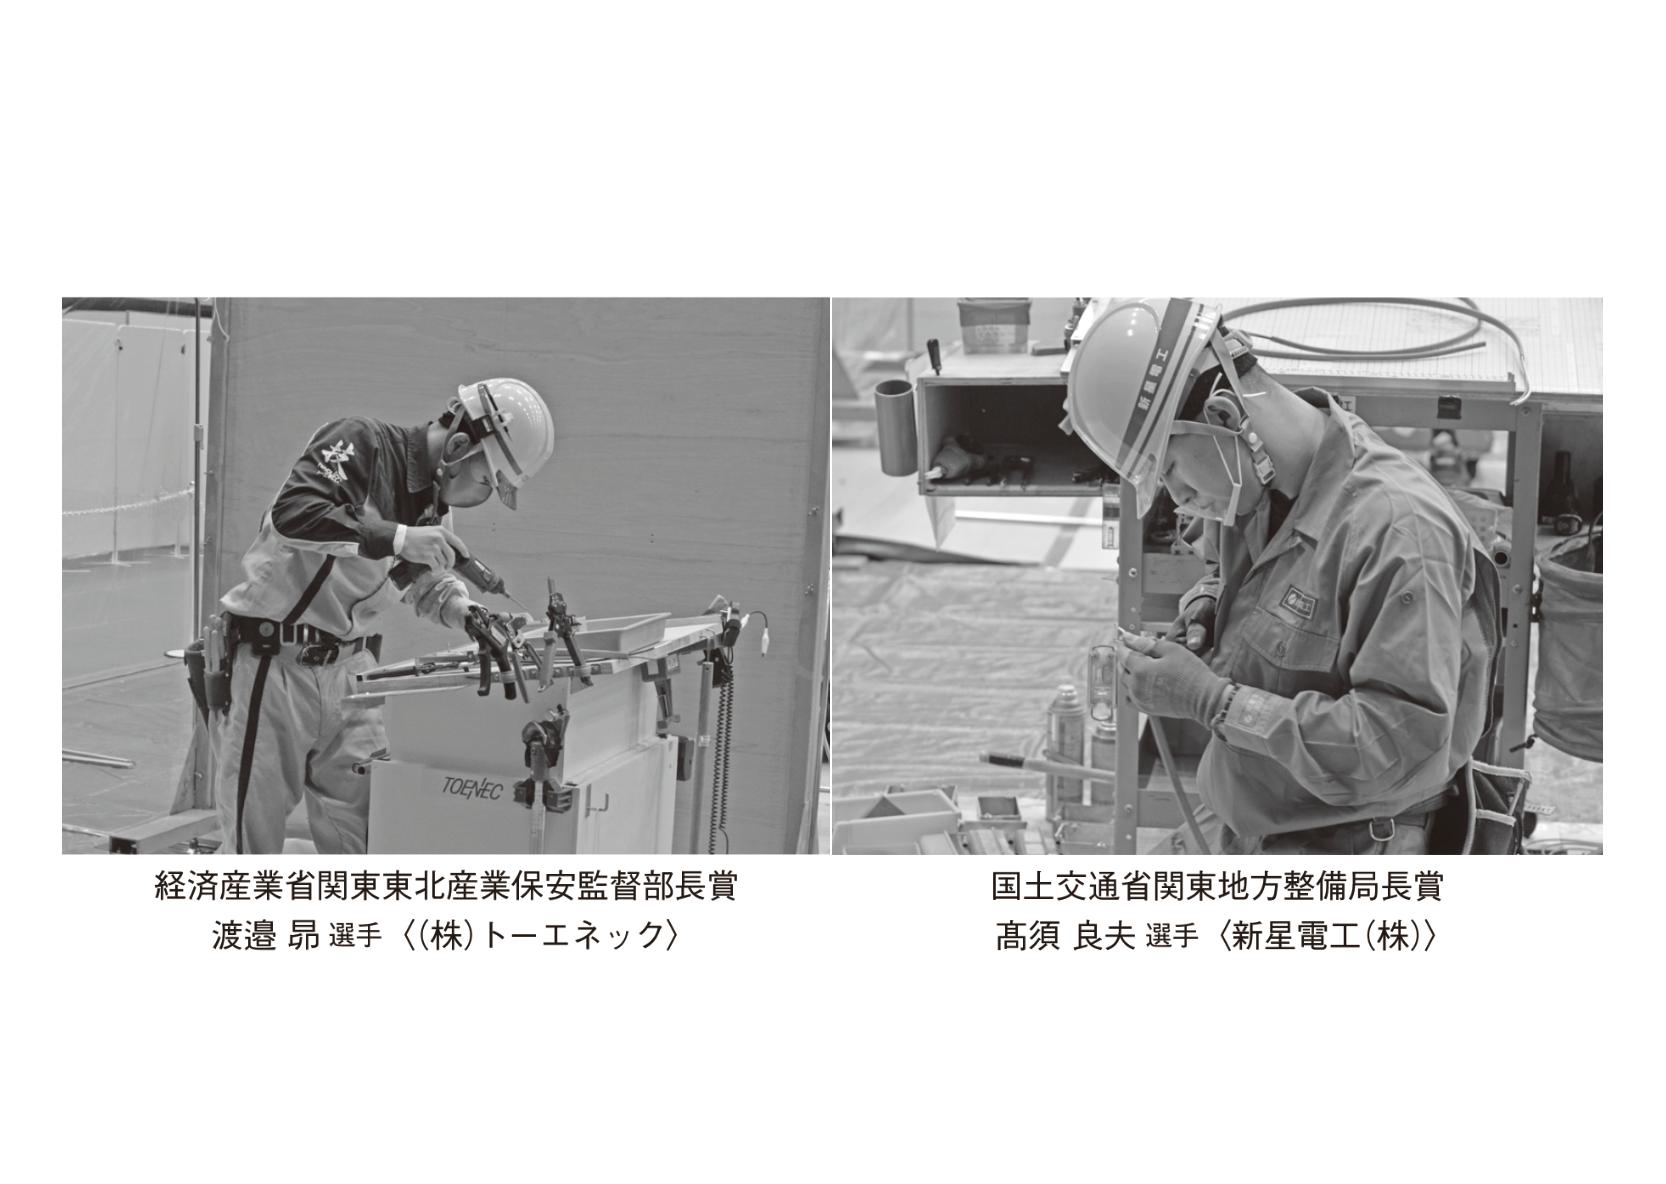 (一社)東京電業協会 第53回電気工事士技能競技大会を開催の画像